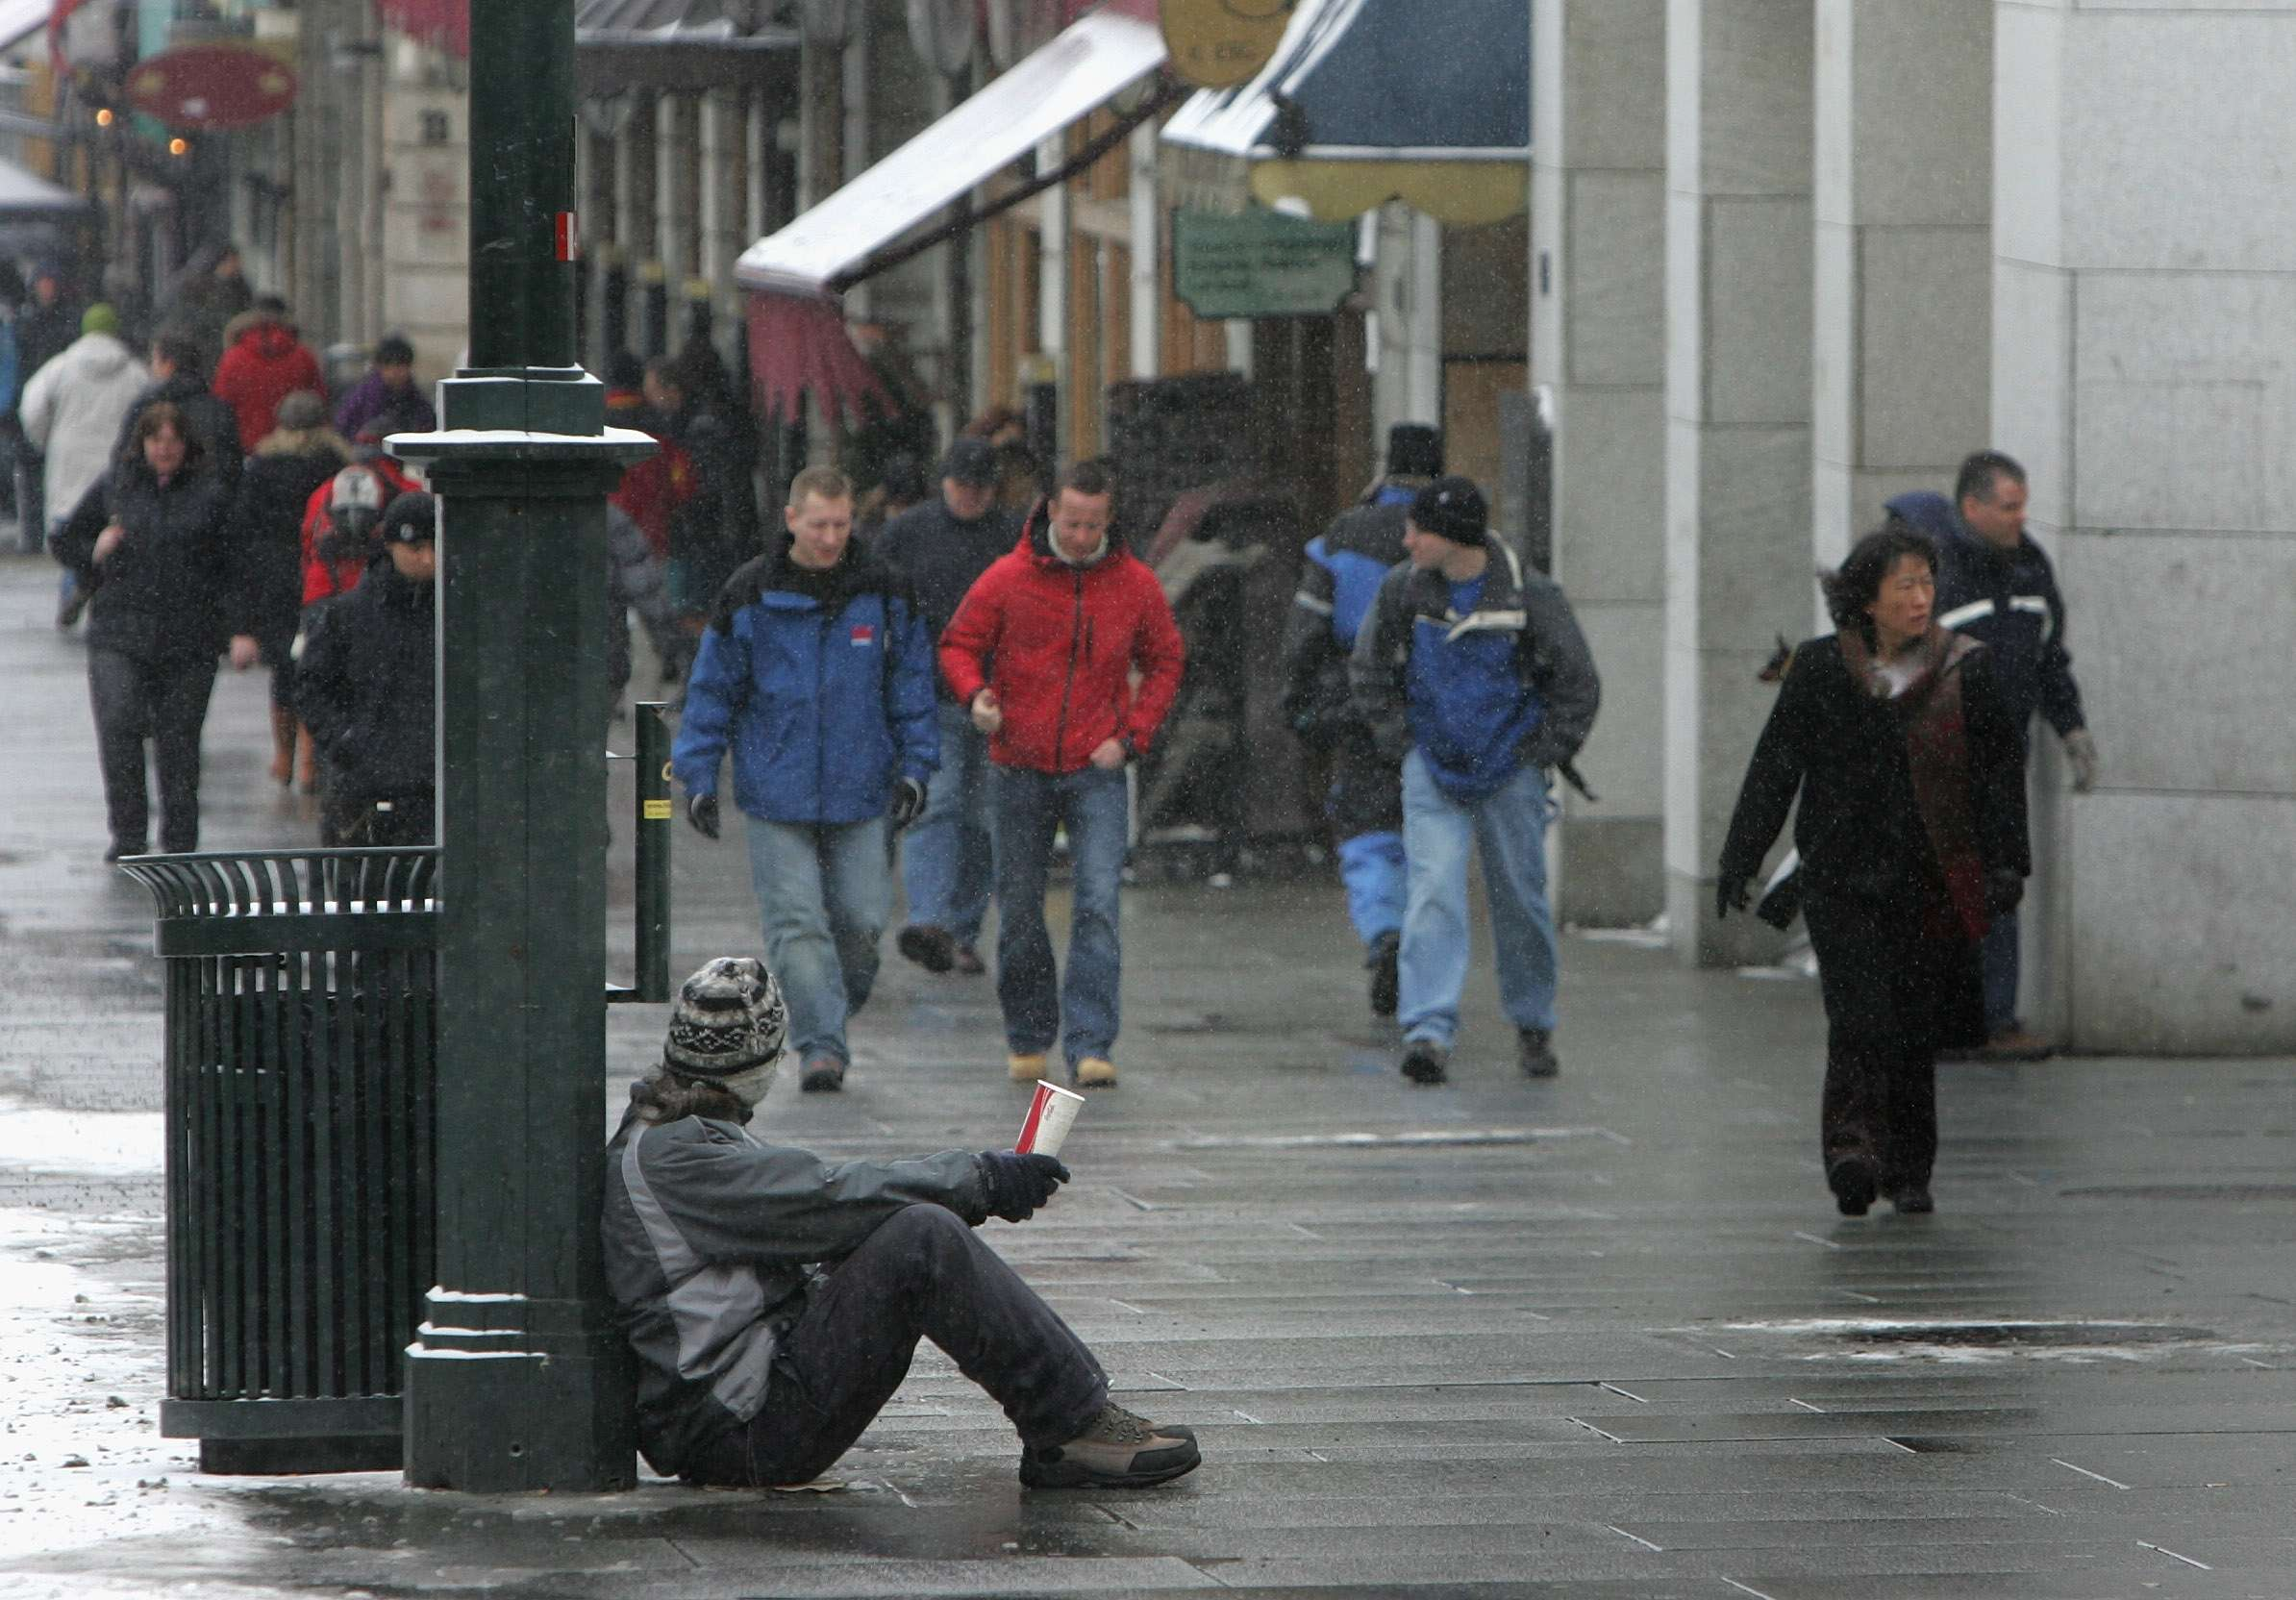 Una persona sin hogar pide en una calle de Oslo, en Noruega Foto: Getty